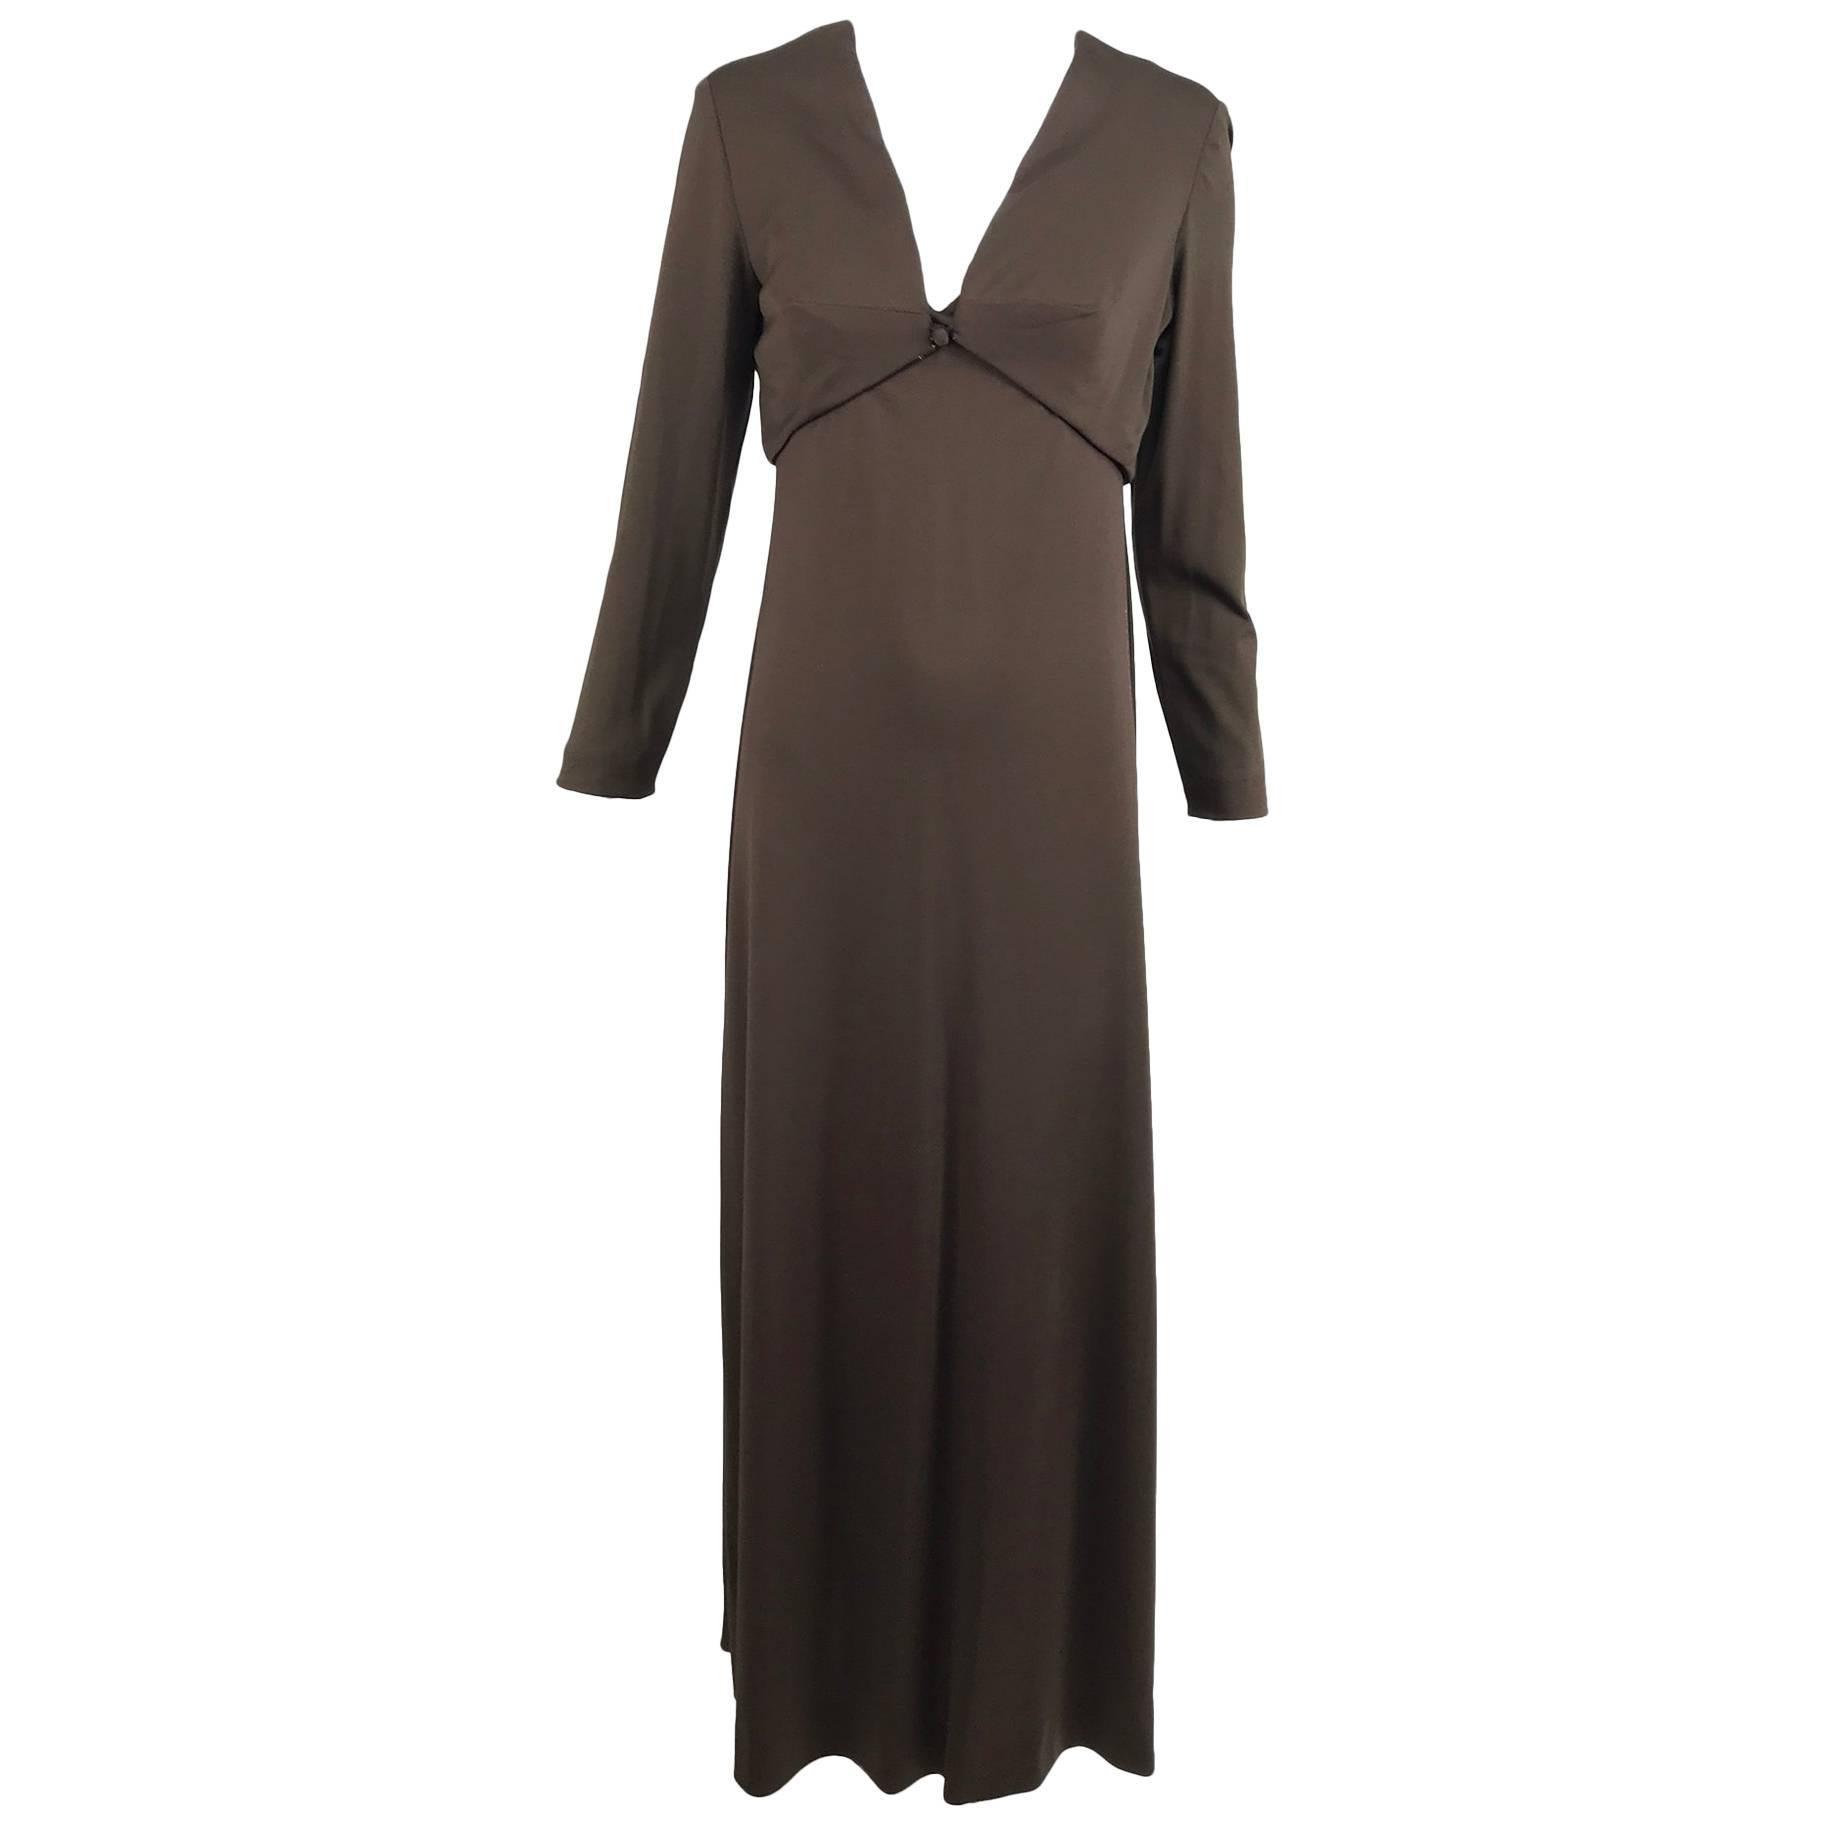 Estevez chocolate brown jersey maxi dress and jacket, 1970s